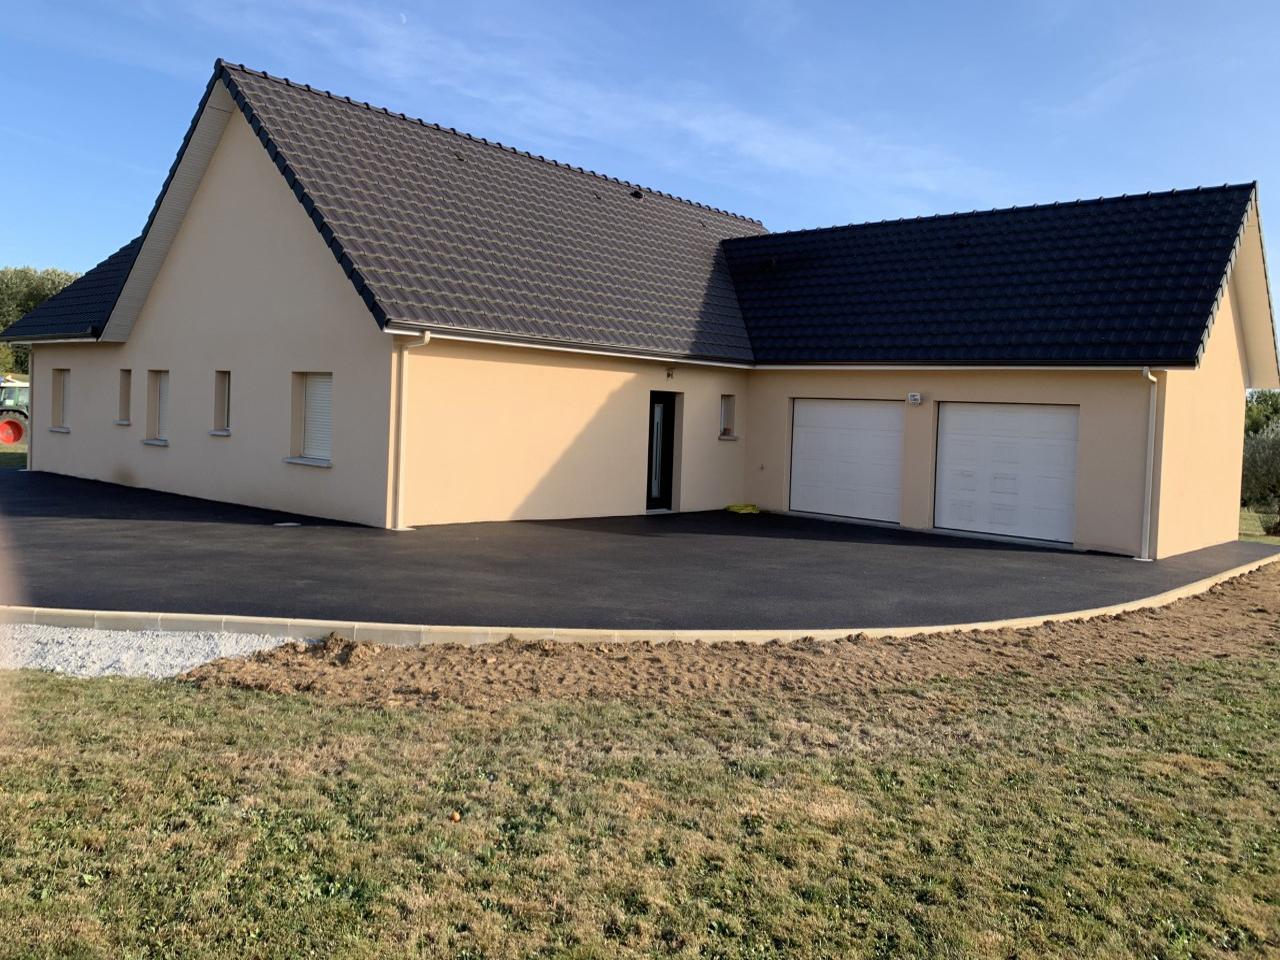 Construction de maison individuelle passive et BBC (murs en polystyrène et béton)